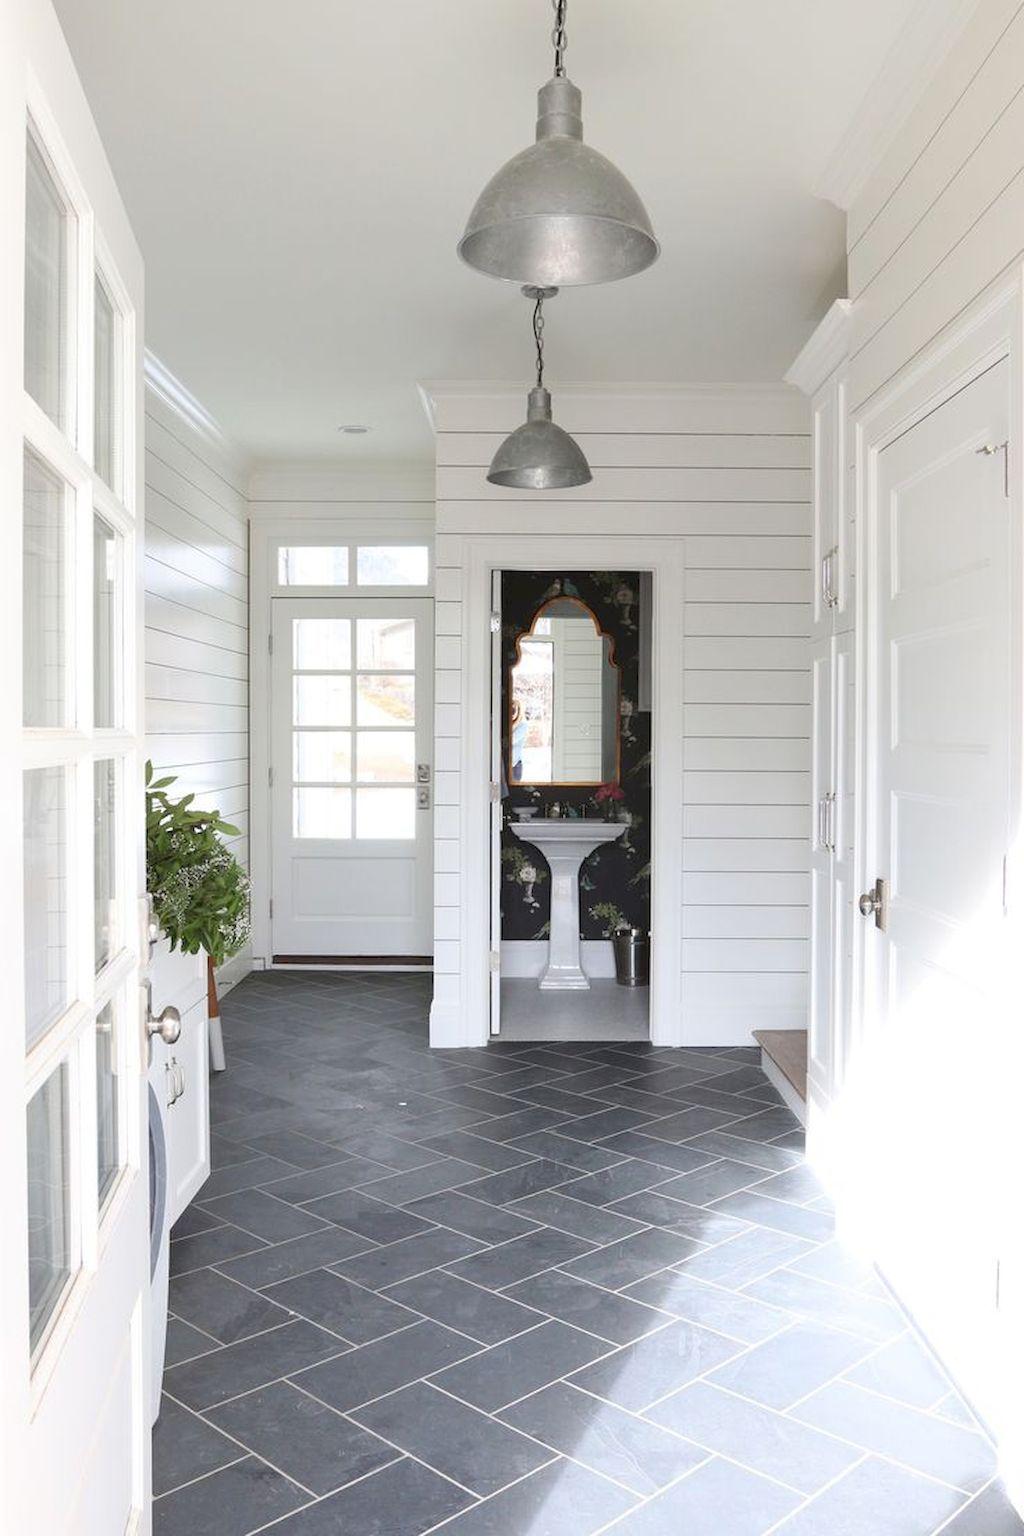 150 Awesome Farmhouse Bathroom Tile Floor Decor Ideas And ...